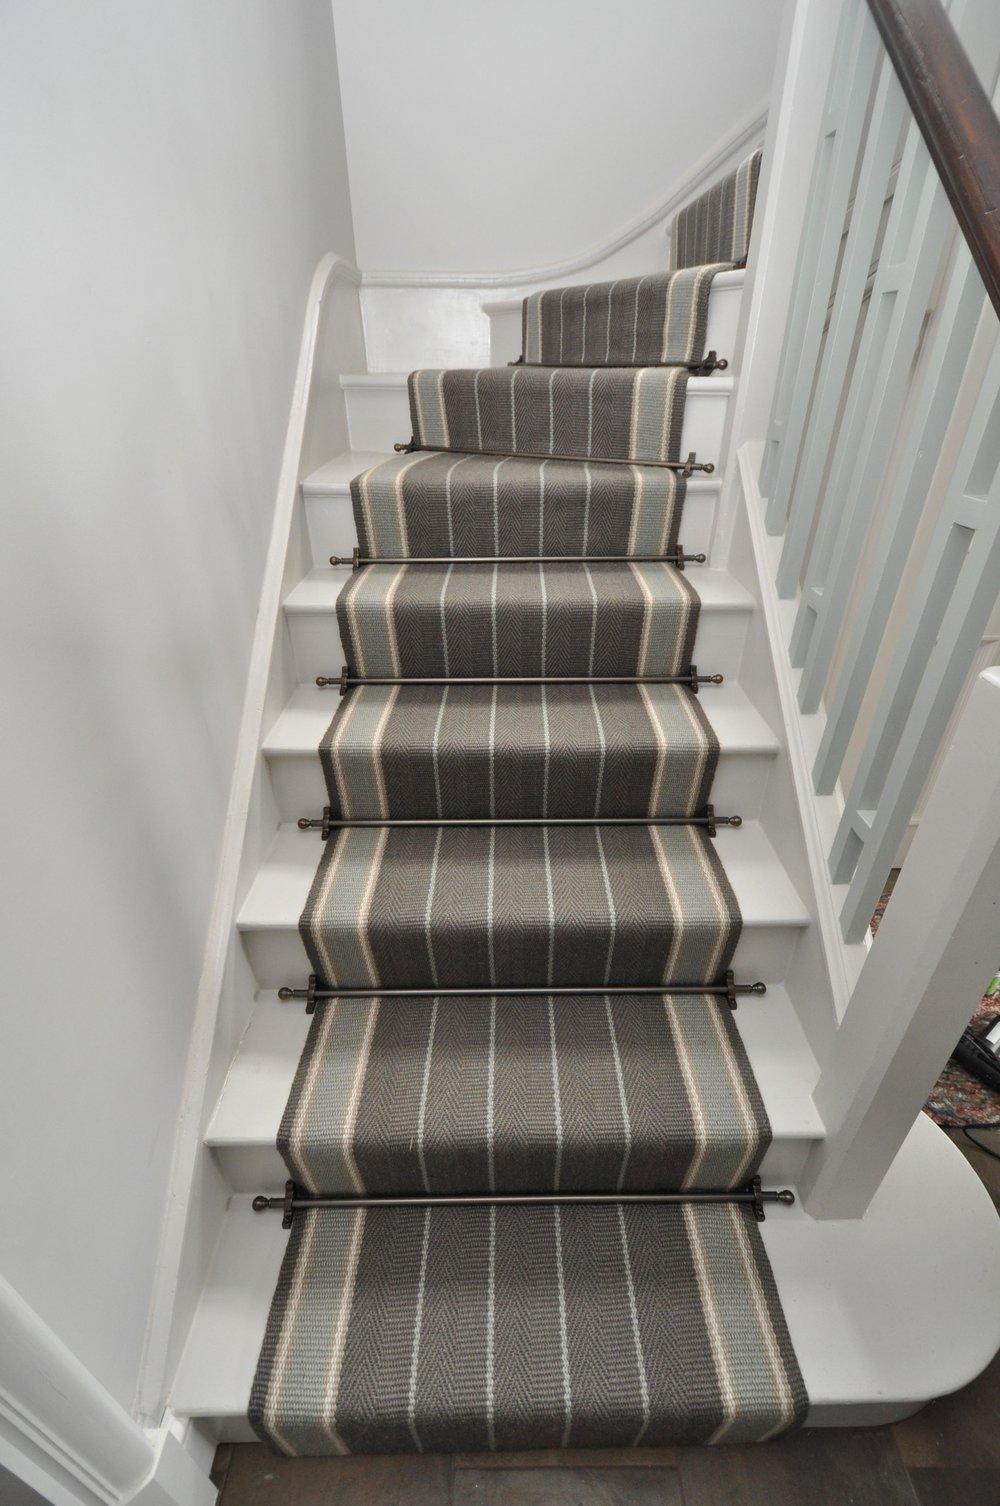 flatweave-stair-runner-london-bowloom-carpet-off-the-loom-DSC_1500.jpg